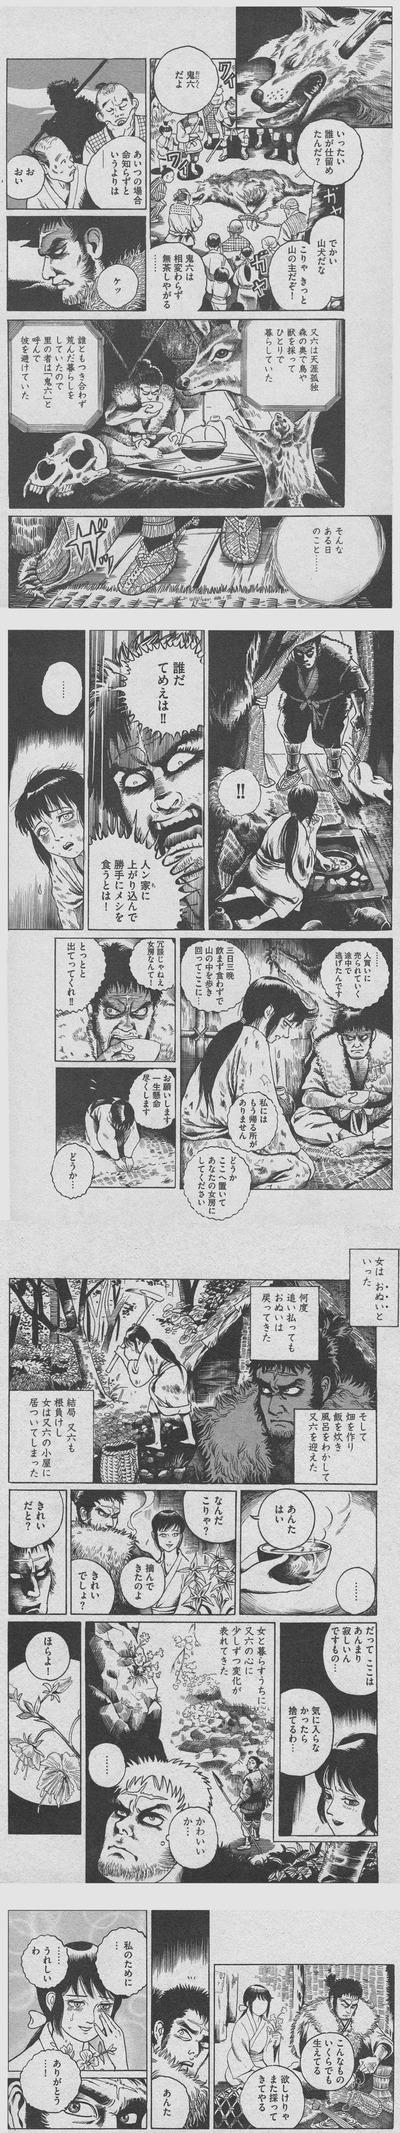 sumiyaki-mataroku02